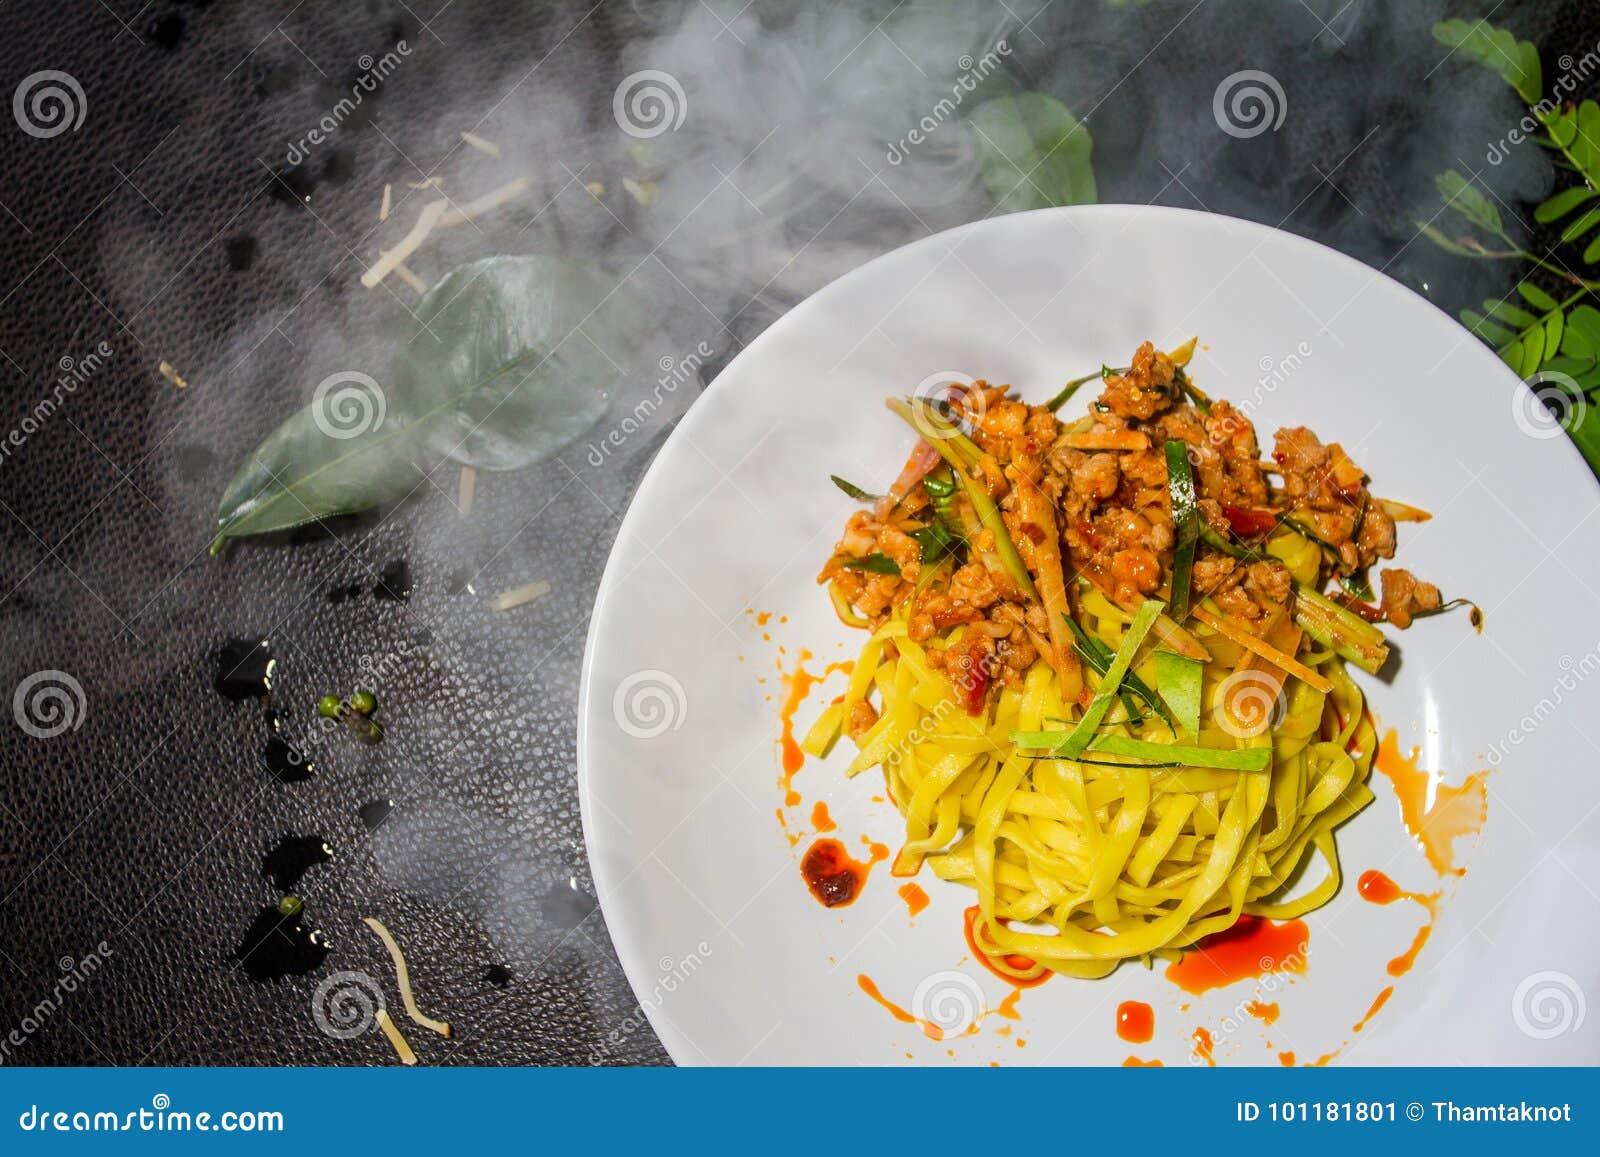 Feche acima do macarronete amarelo fritado de Tom yum, placas brancas arranjadas em um fundo preto Alimento tailandês tradicional